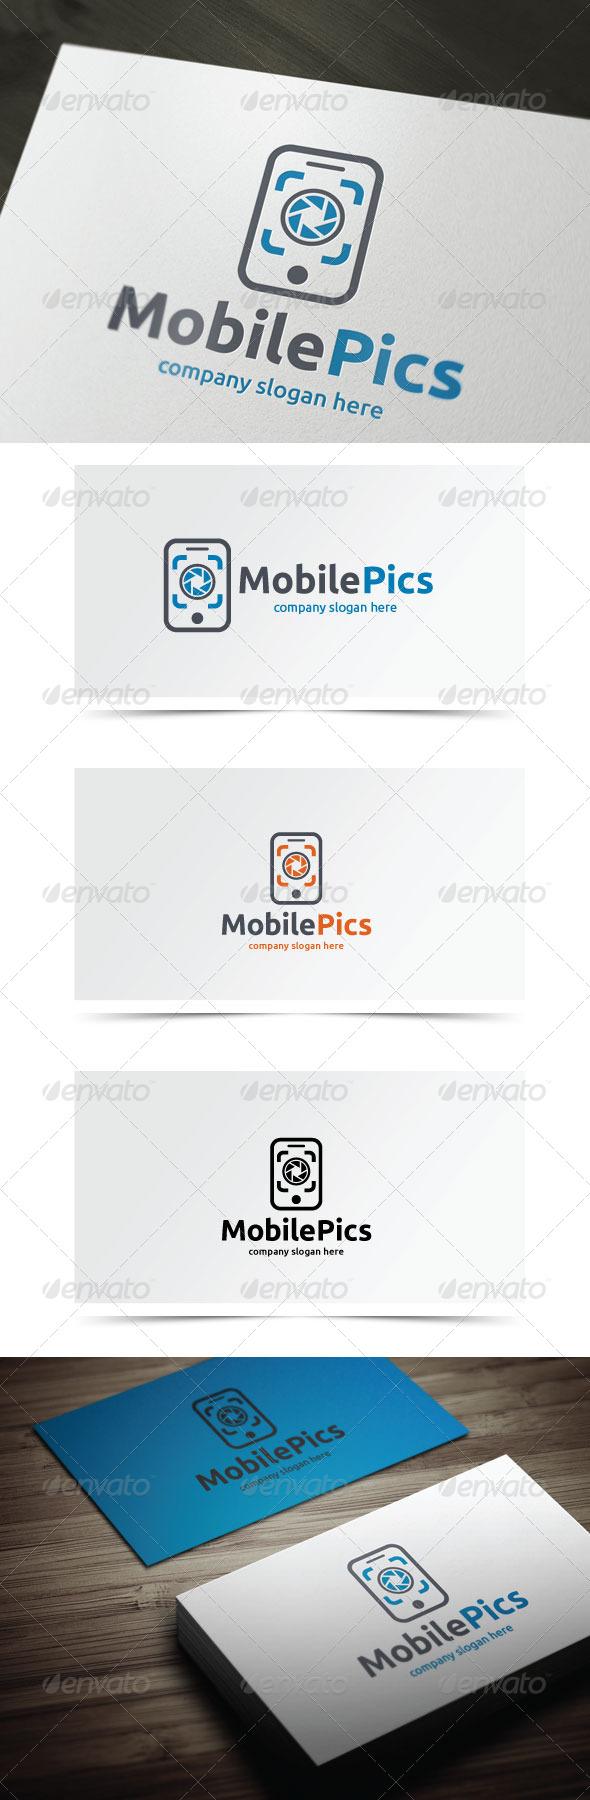 GraphicRiver Mobile Pics 6397665